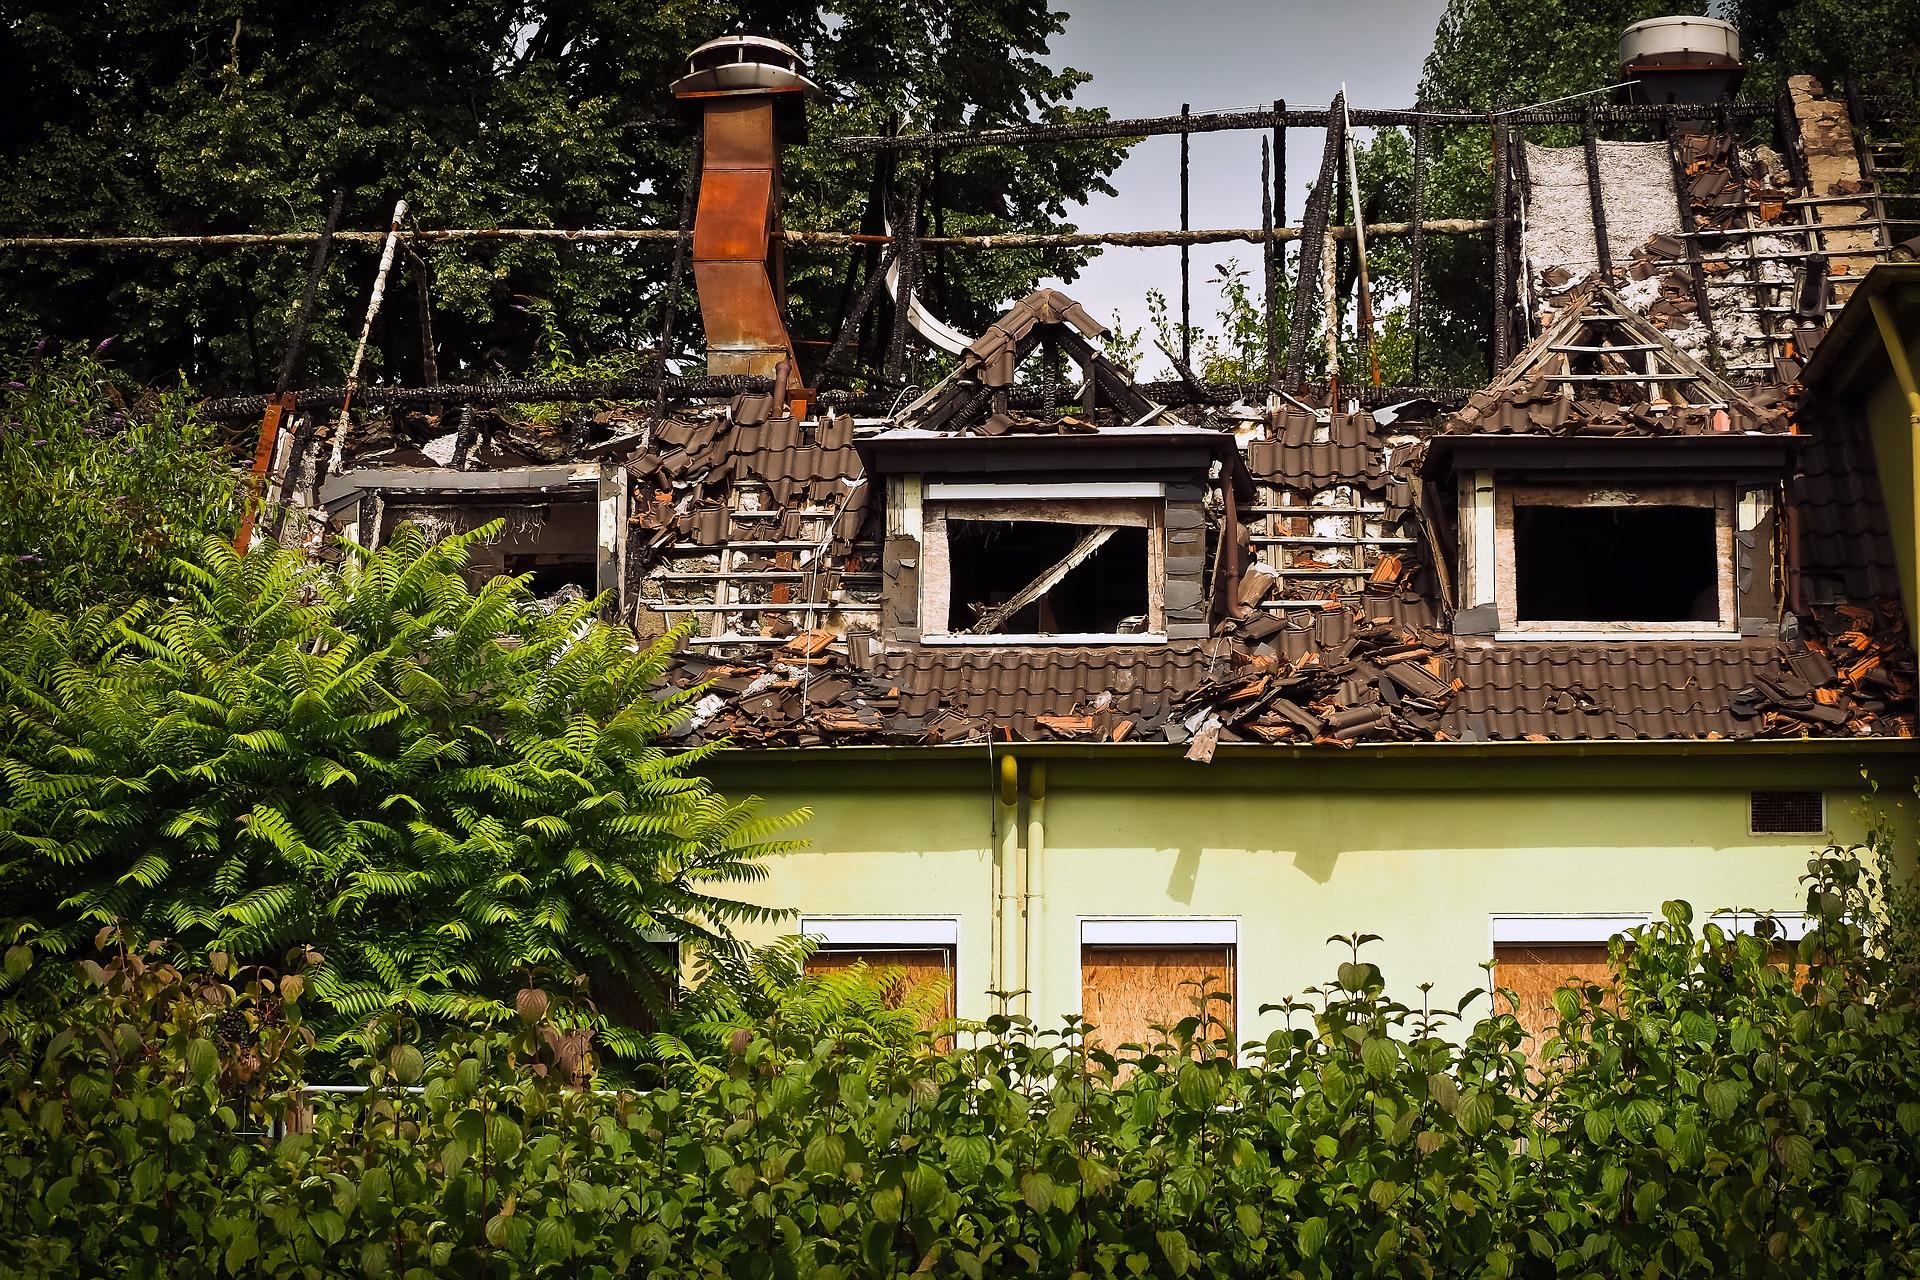 Als Rückversicherer deckt die Hannover Rück vielfältige Schäden ab, Schäden durch Brände ebenso wie durch Naturkatastrophen. / Foto: Pixabay